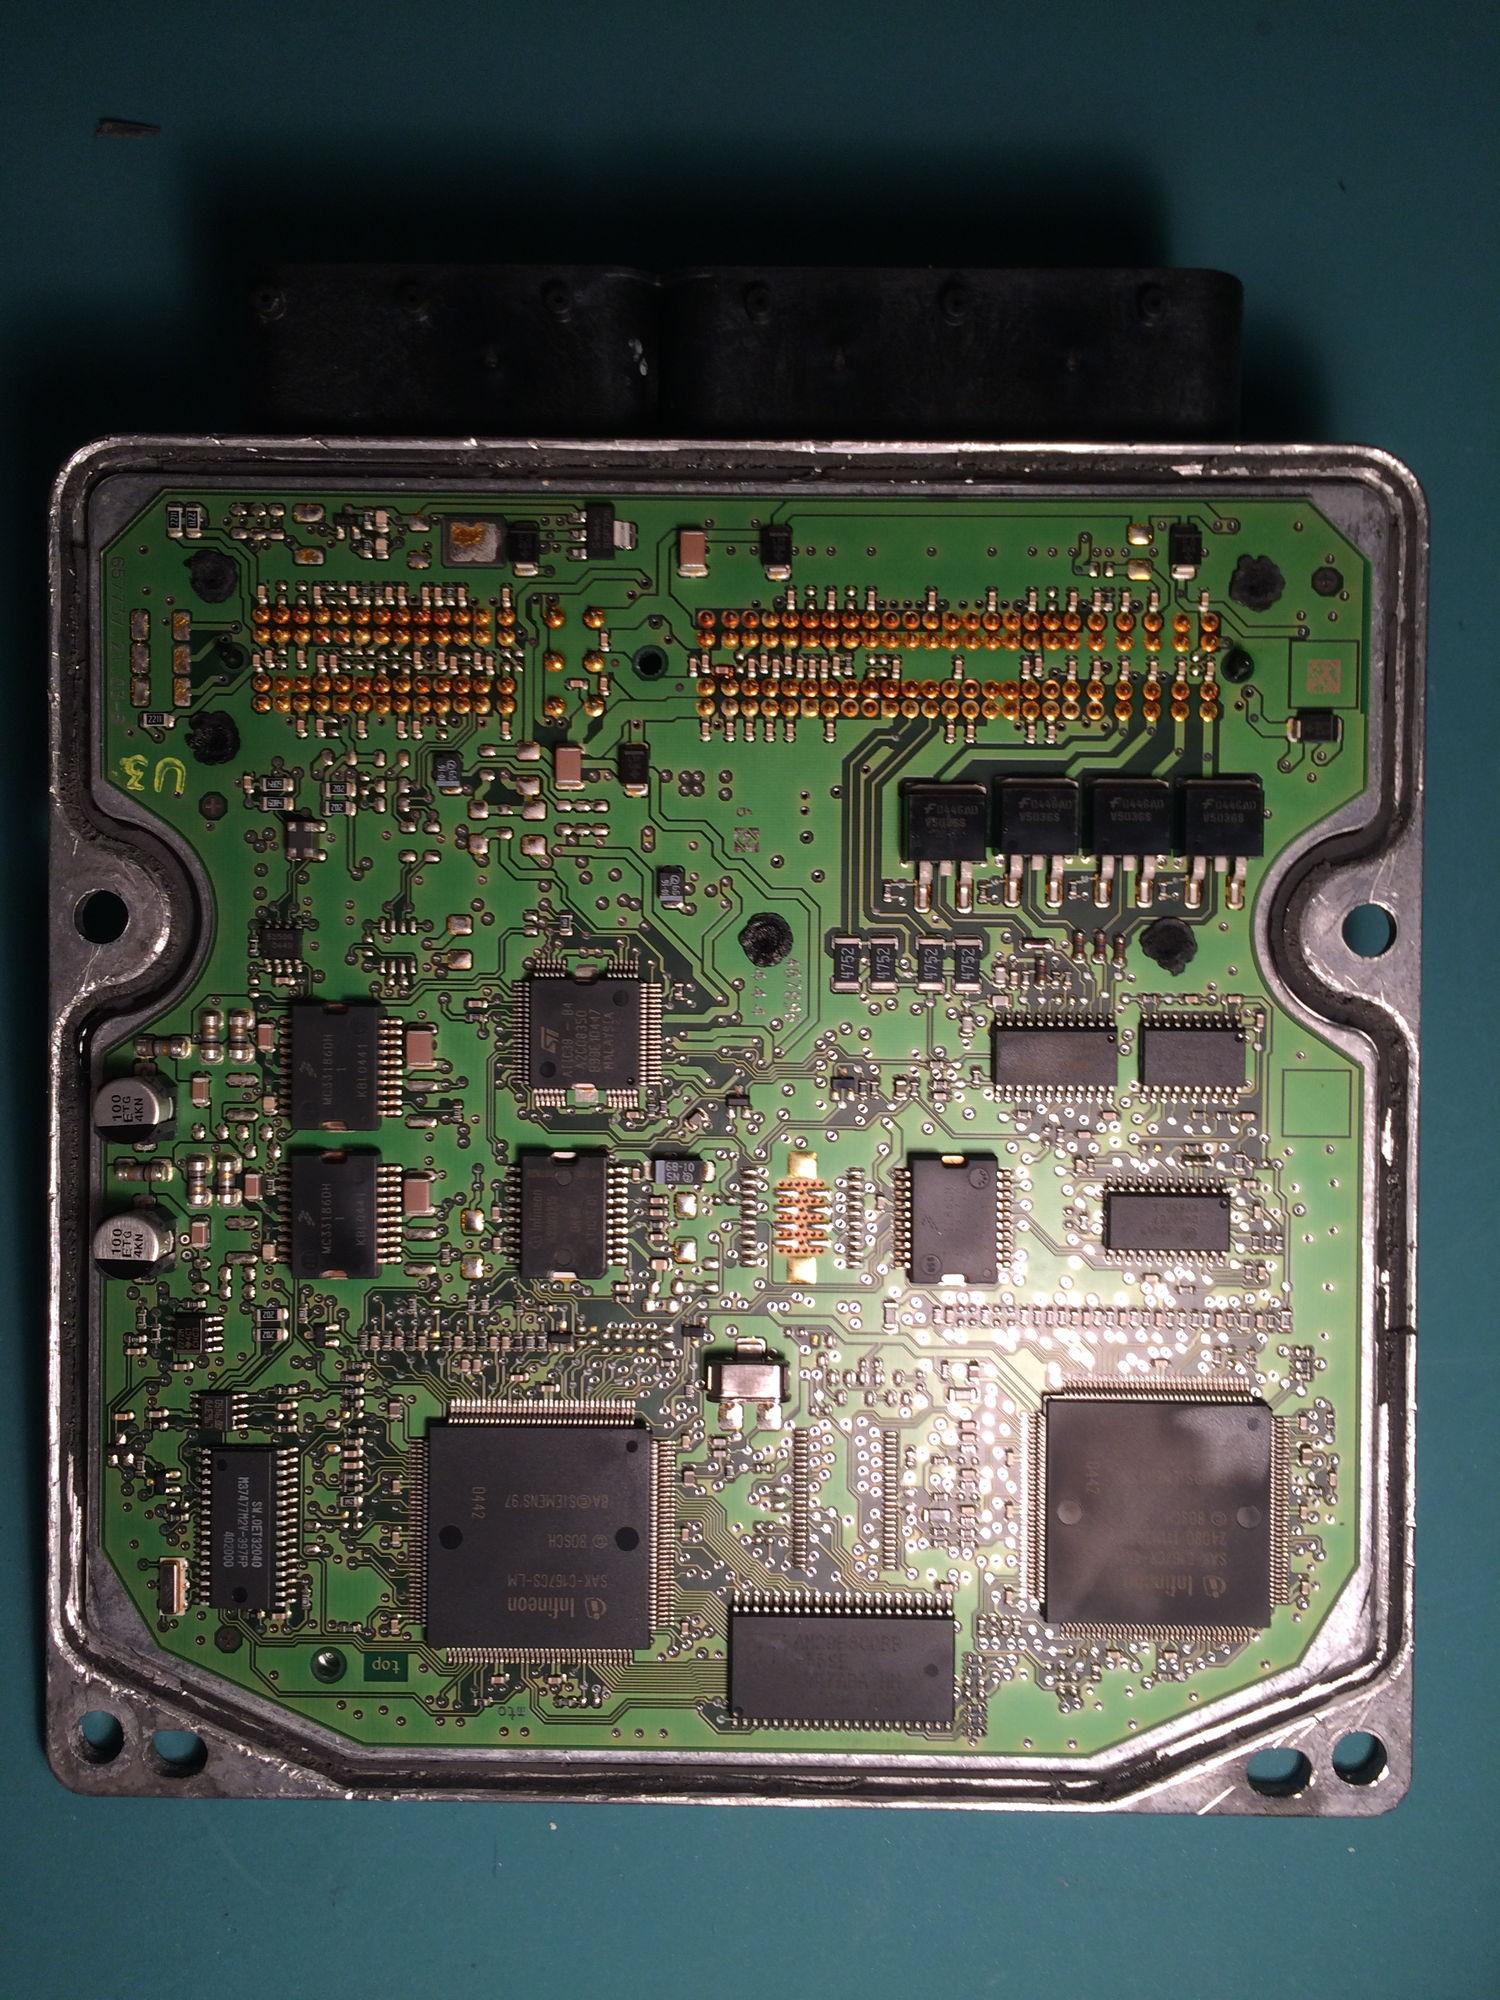 Ecu failure rattling ecu ecm me page 2 mbworld for Mercedes benz ecu repair